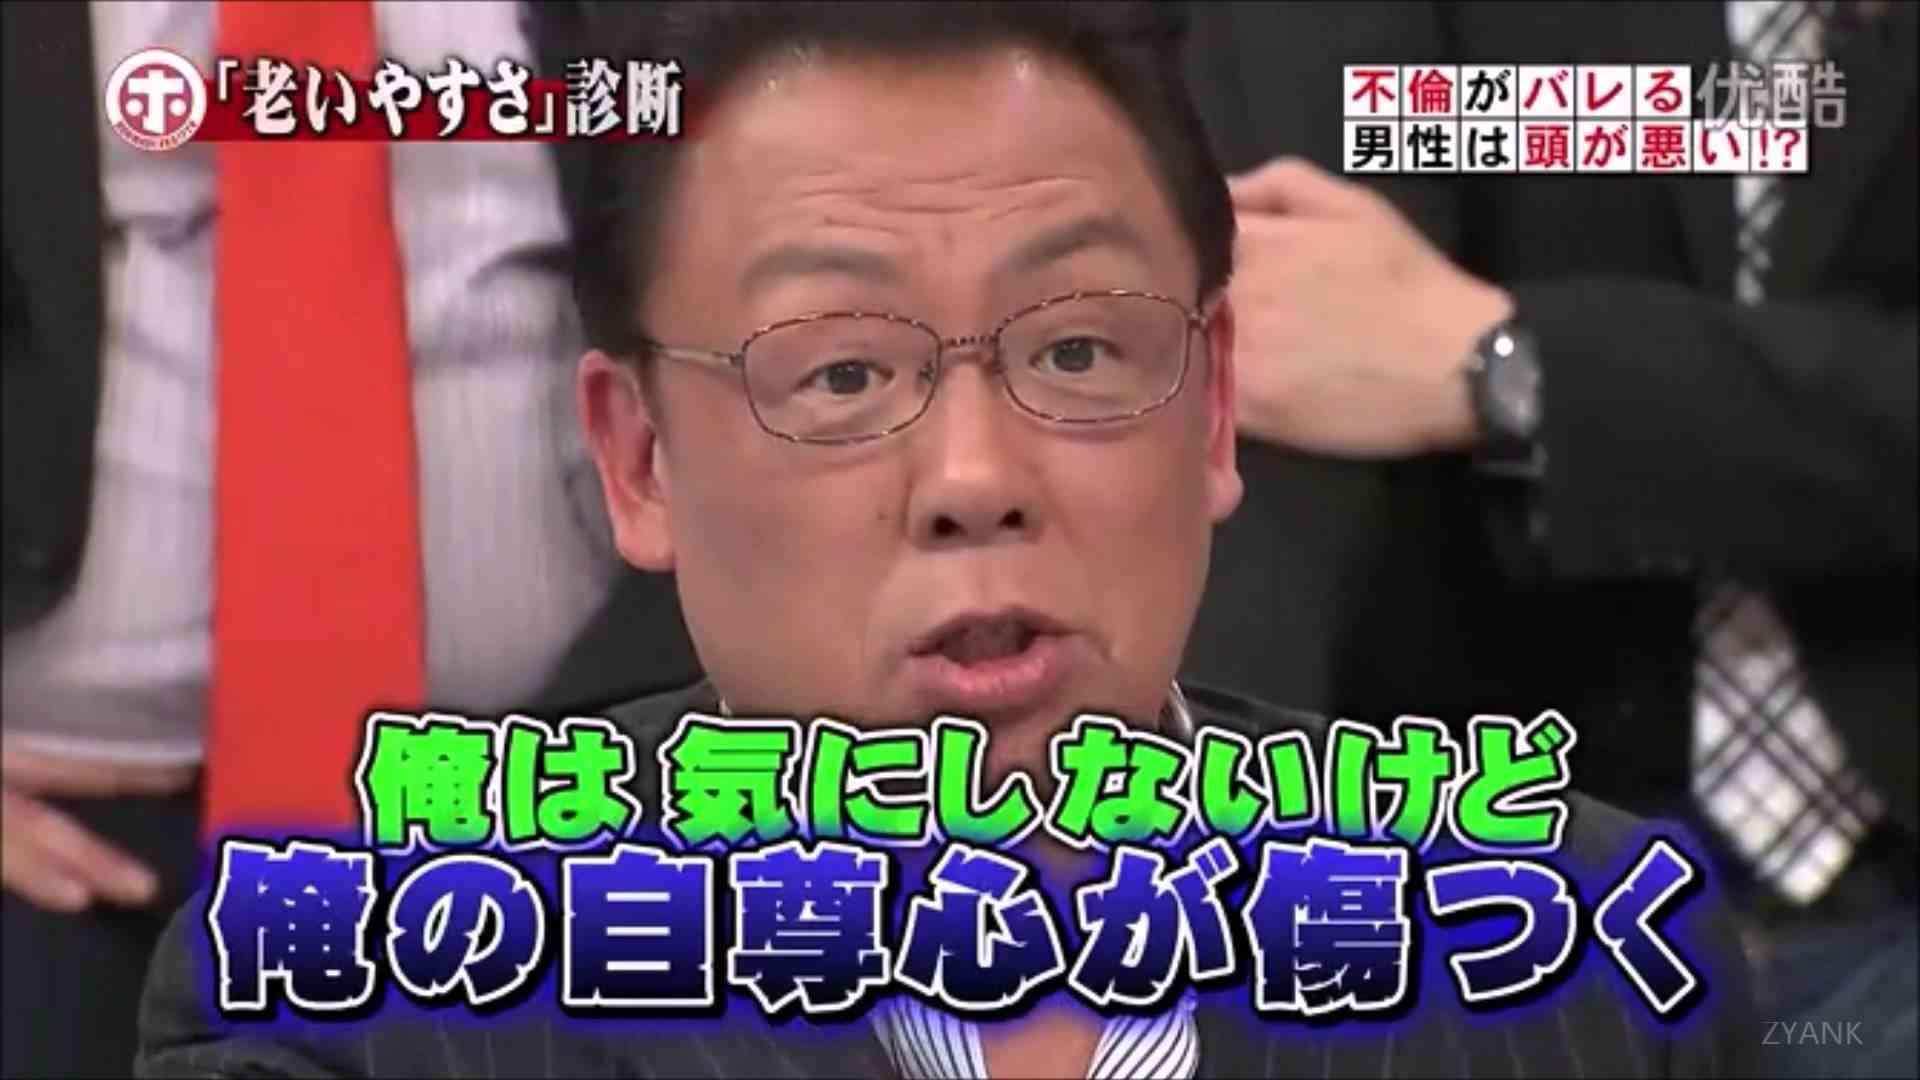 坂上忍と梅沢富美男が接客対応への怒り爆発「マニュアルのことしかできないガキが多い」